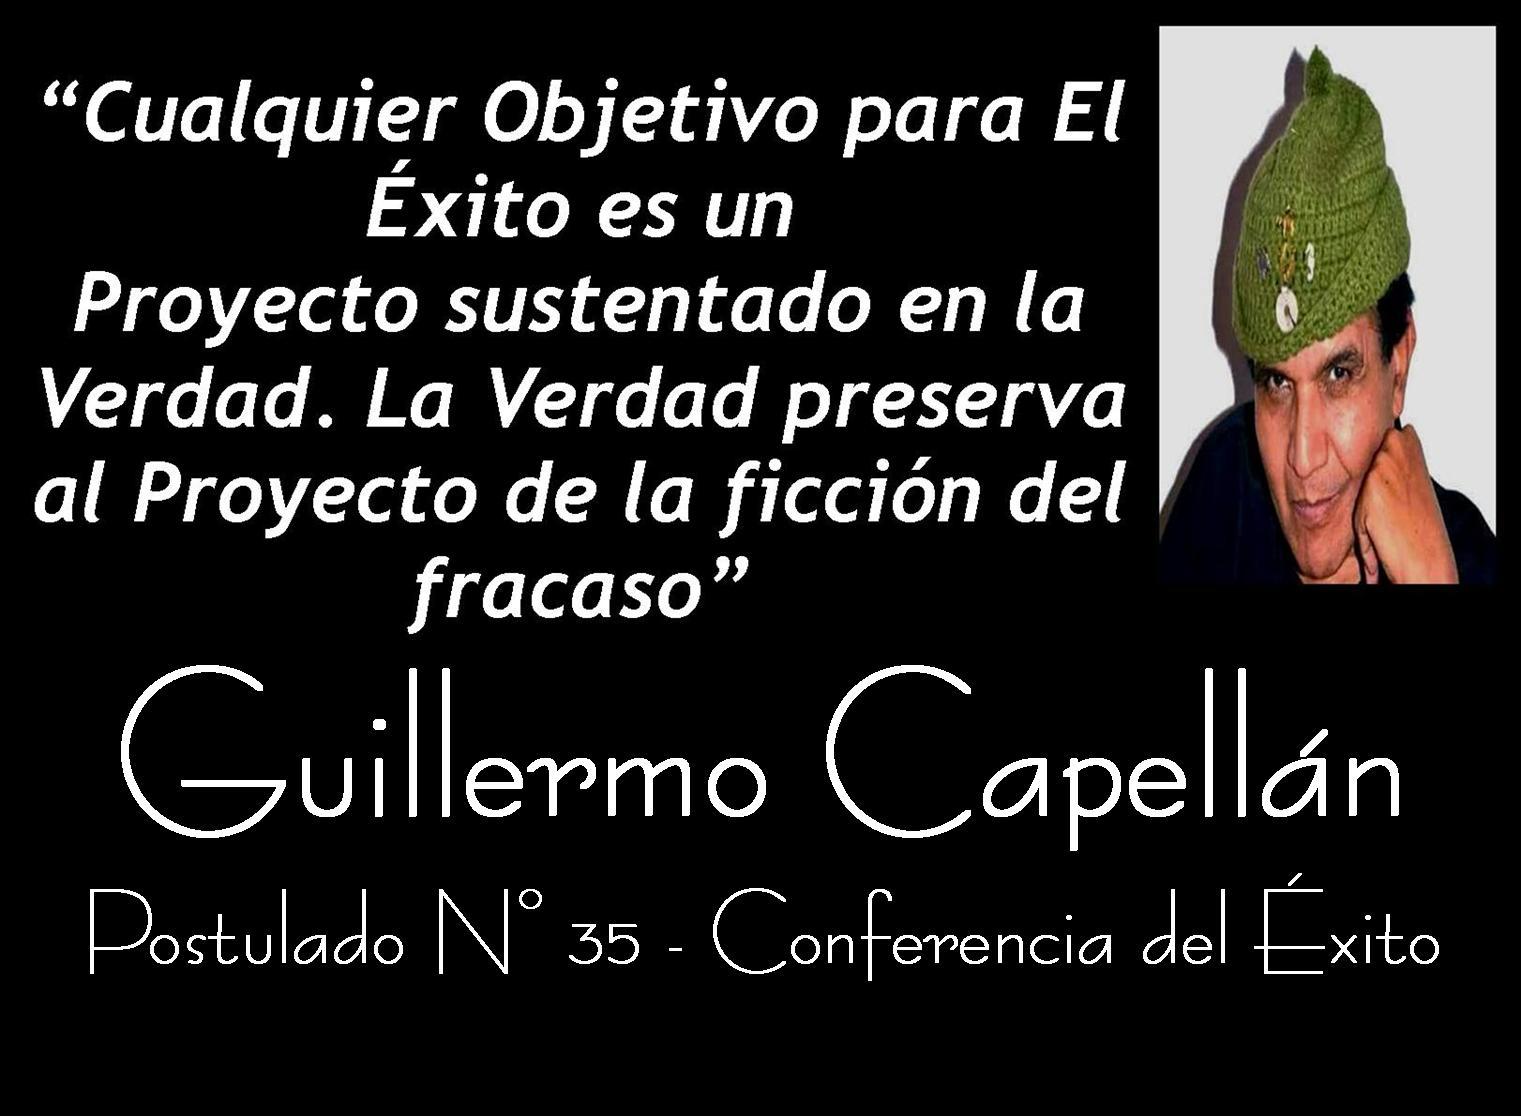 Guillermo capellan miguel